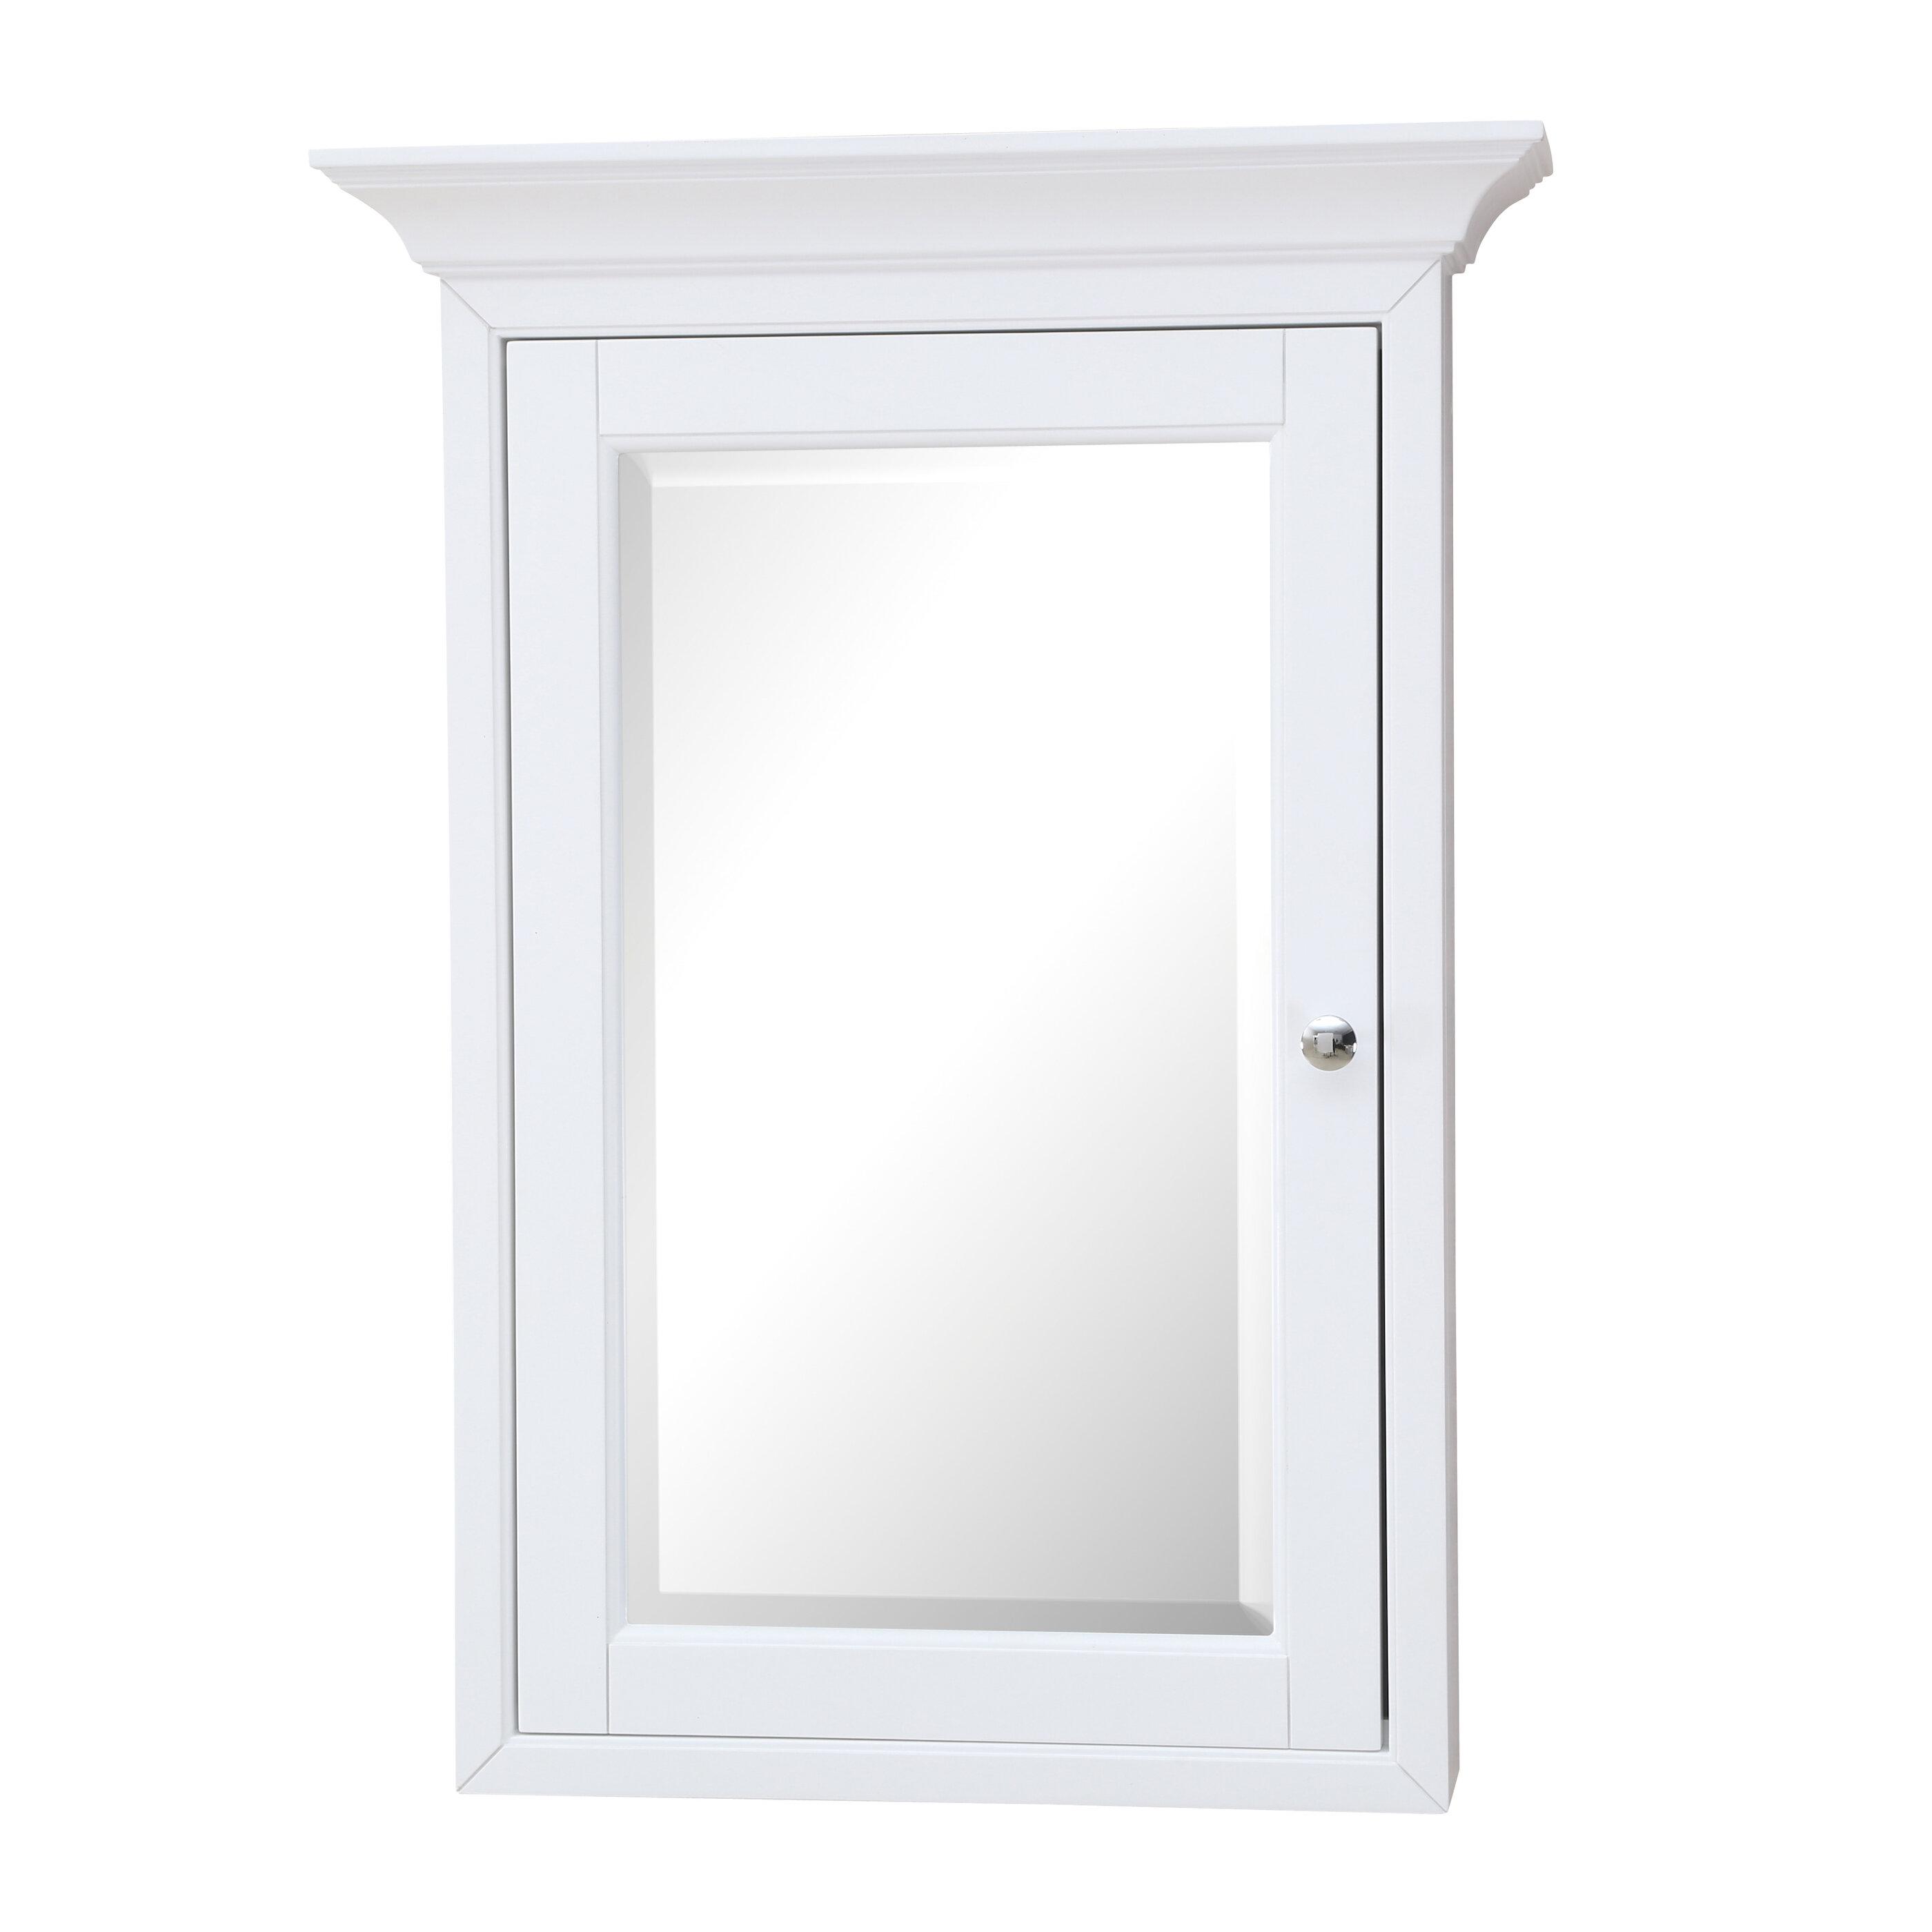 Vasilikos Surface Mount Framed 1 Door Medicine Cabinet With 4 Adjustable Shelves Reviews Birch Lane